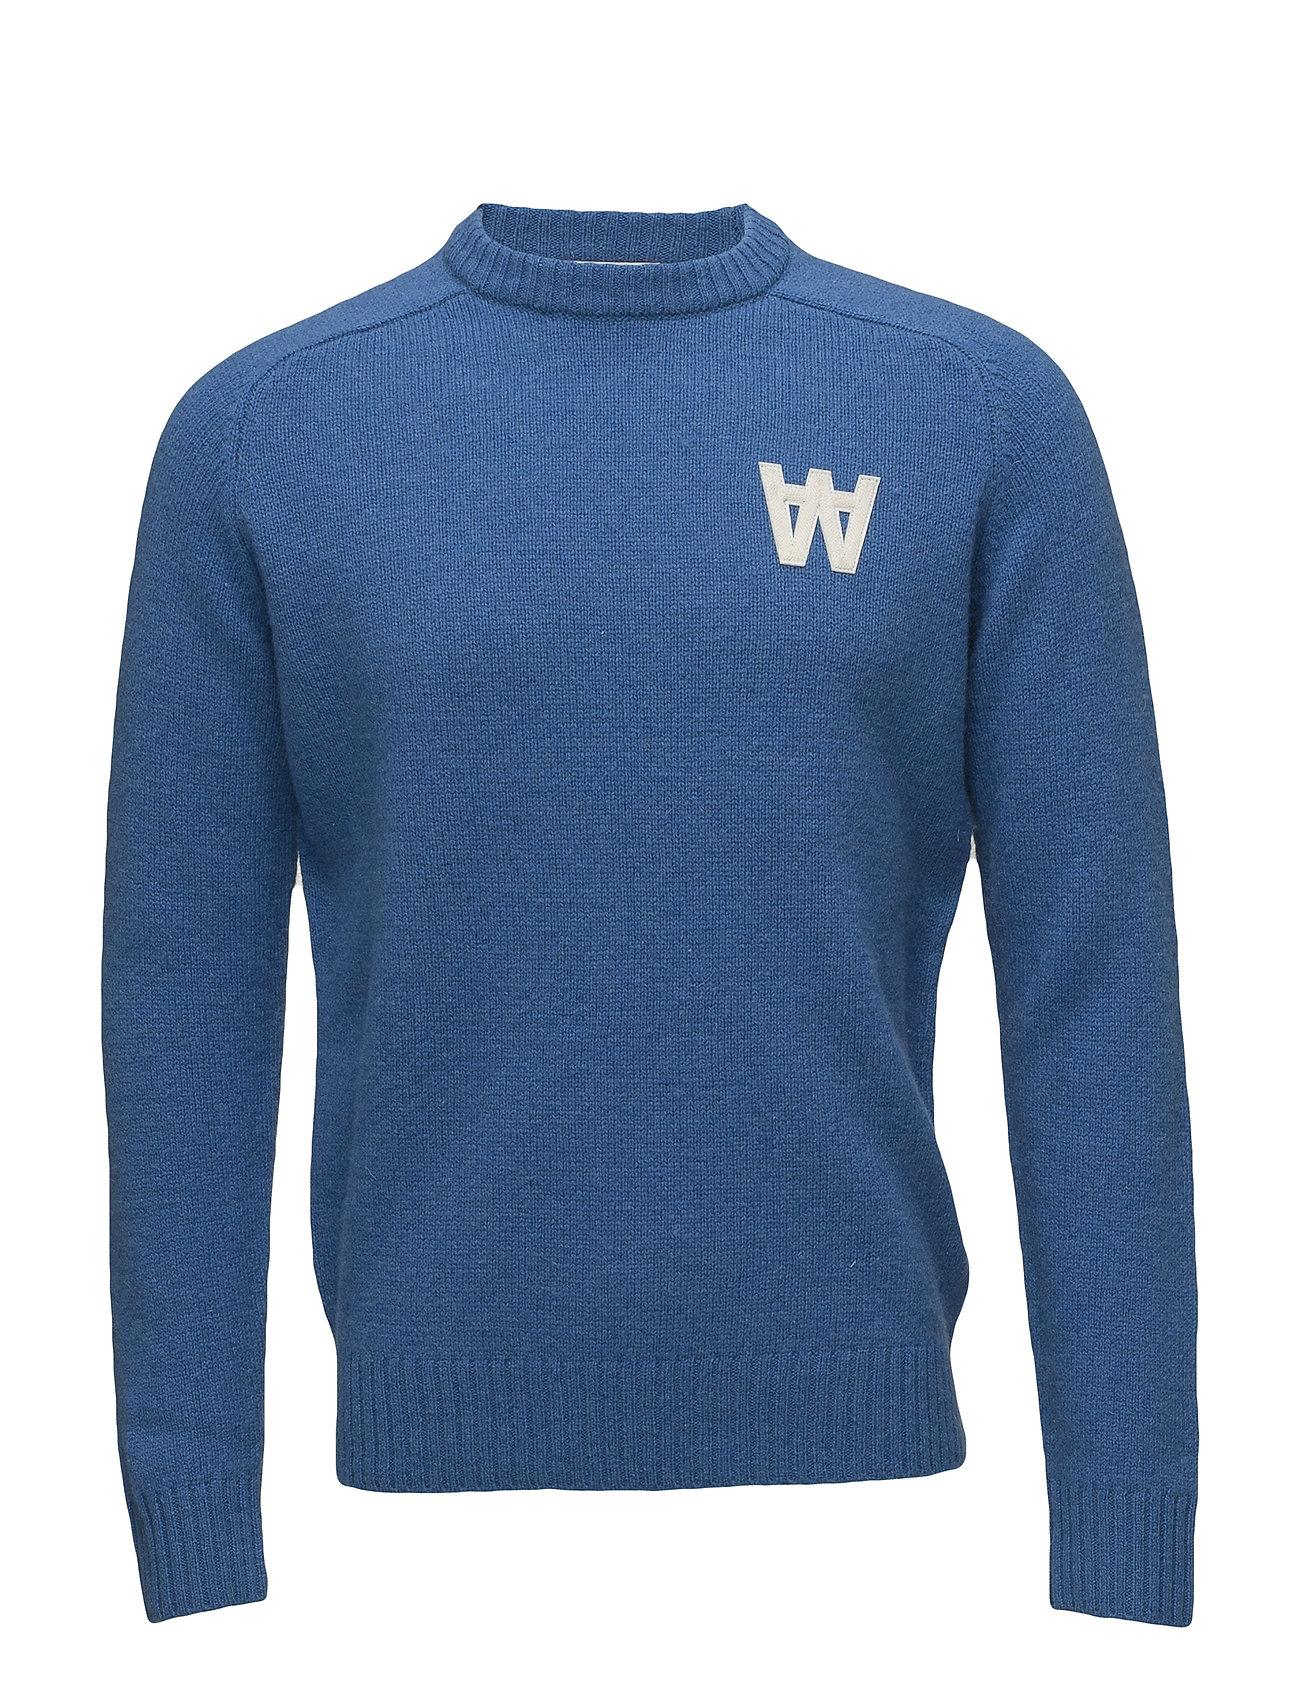 WOOD WOOD Kevin Sweater Strickpullover Rundhals Blau WOOD WOOD